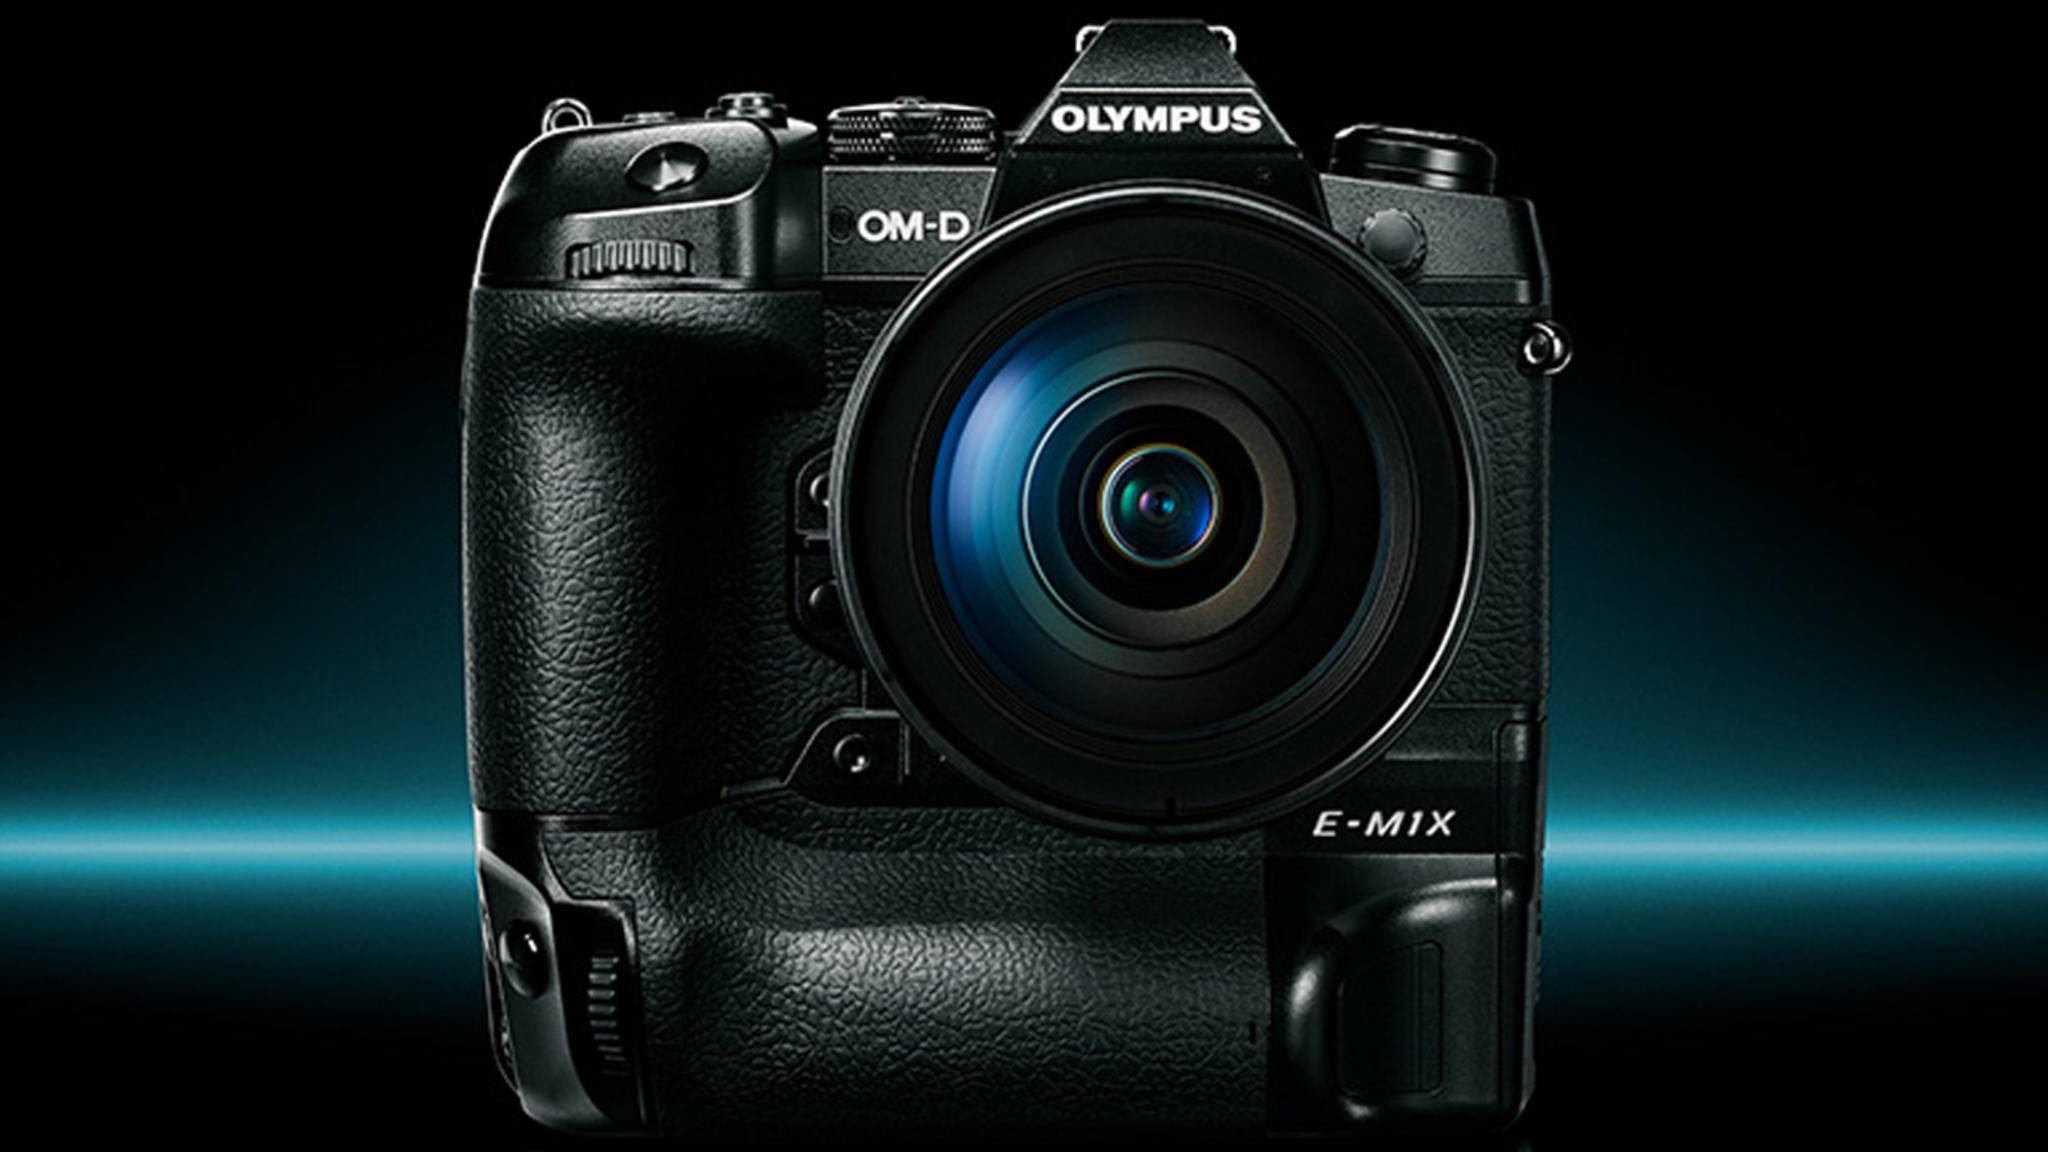 Olympus beerdigt sein Kamerasparte, die Marken OM-D und Zuiko sollen aber weiterleben.